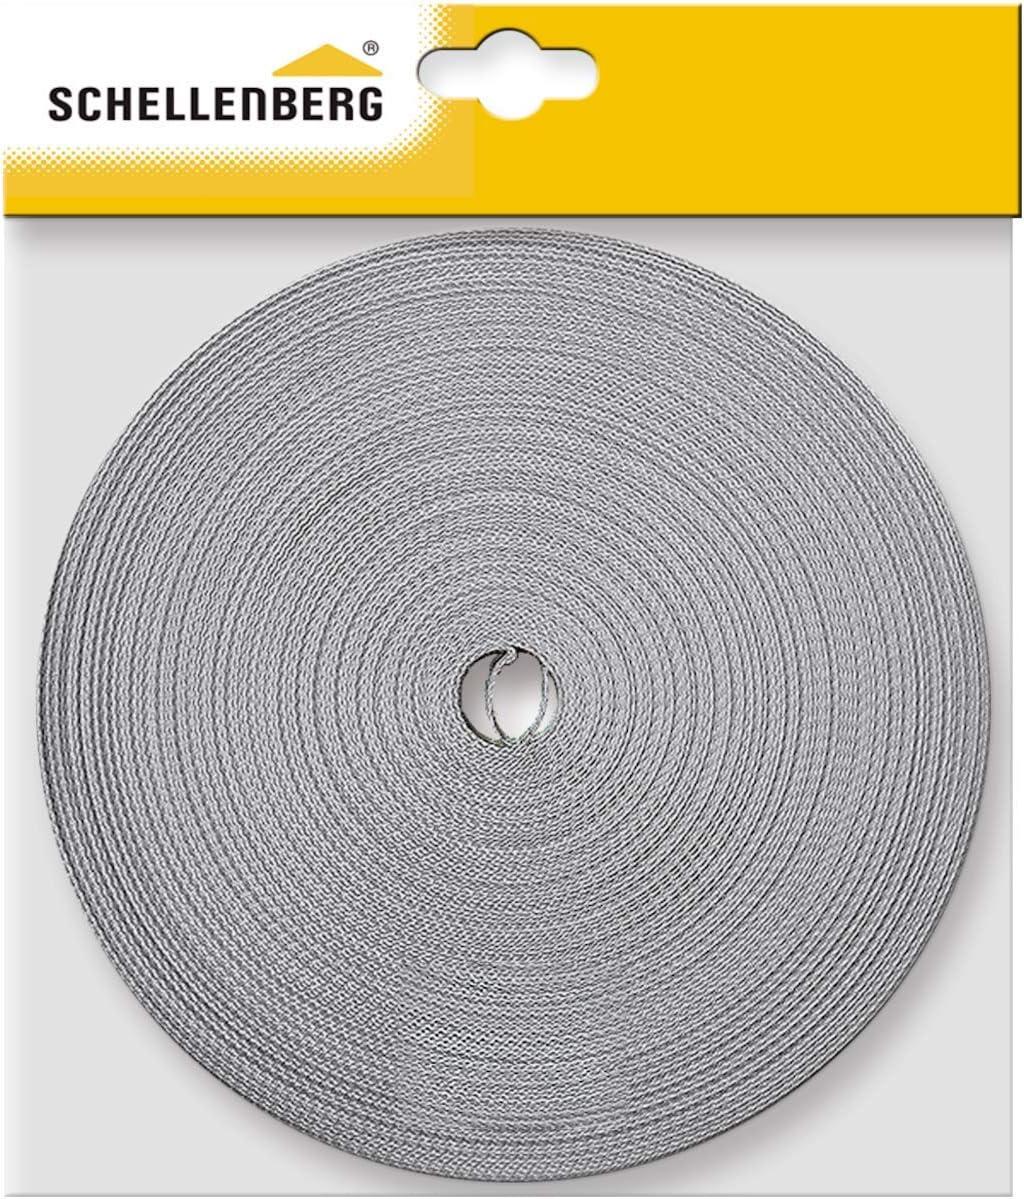 Schellenberg 11421 Roller Shutter Belt 14 mm x 50 m Grey